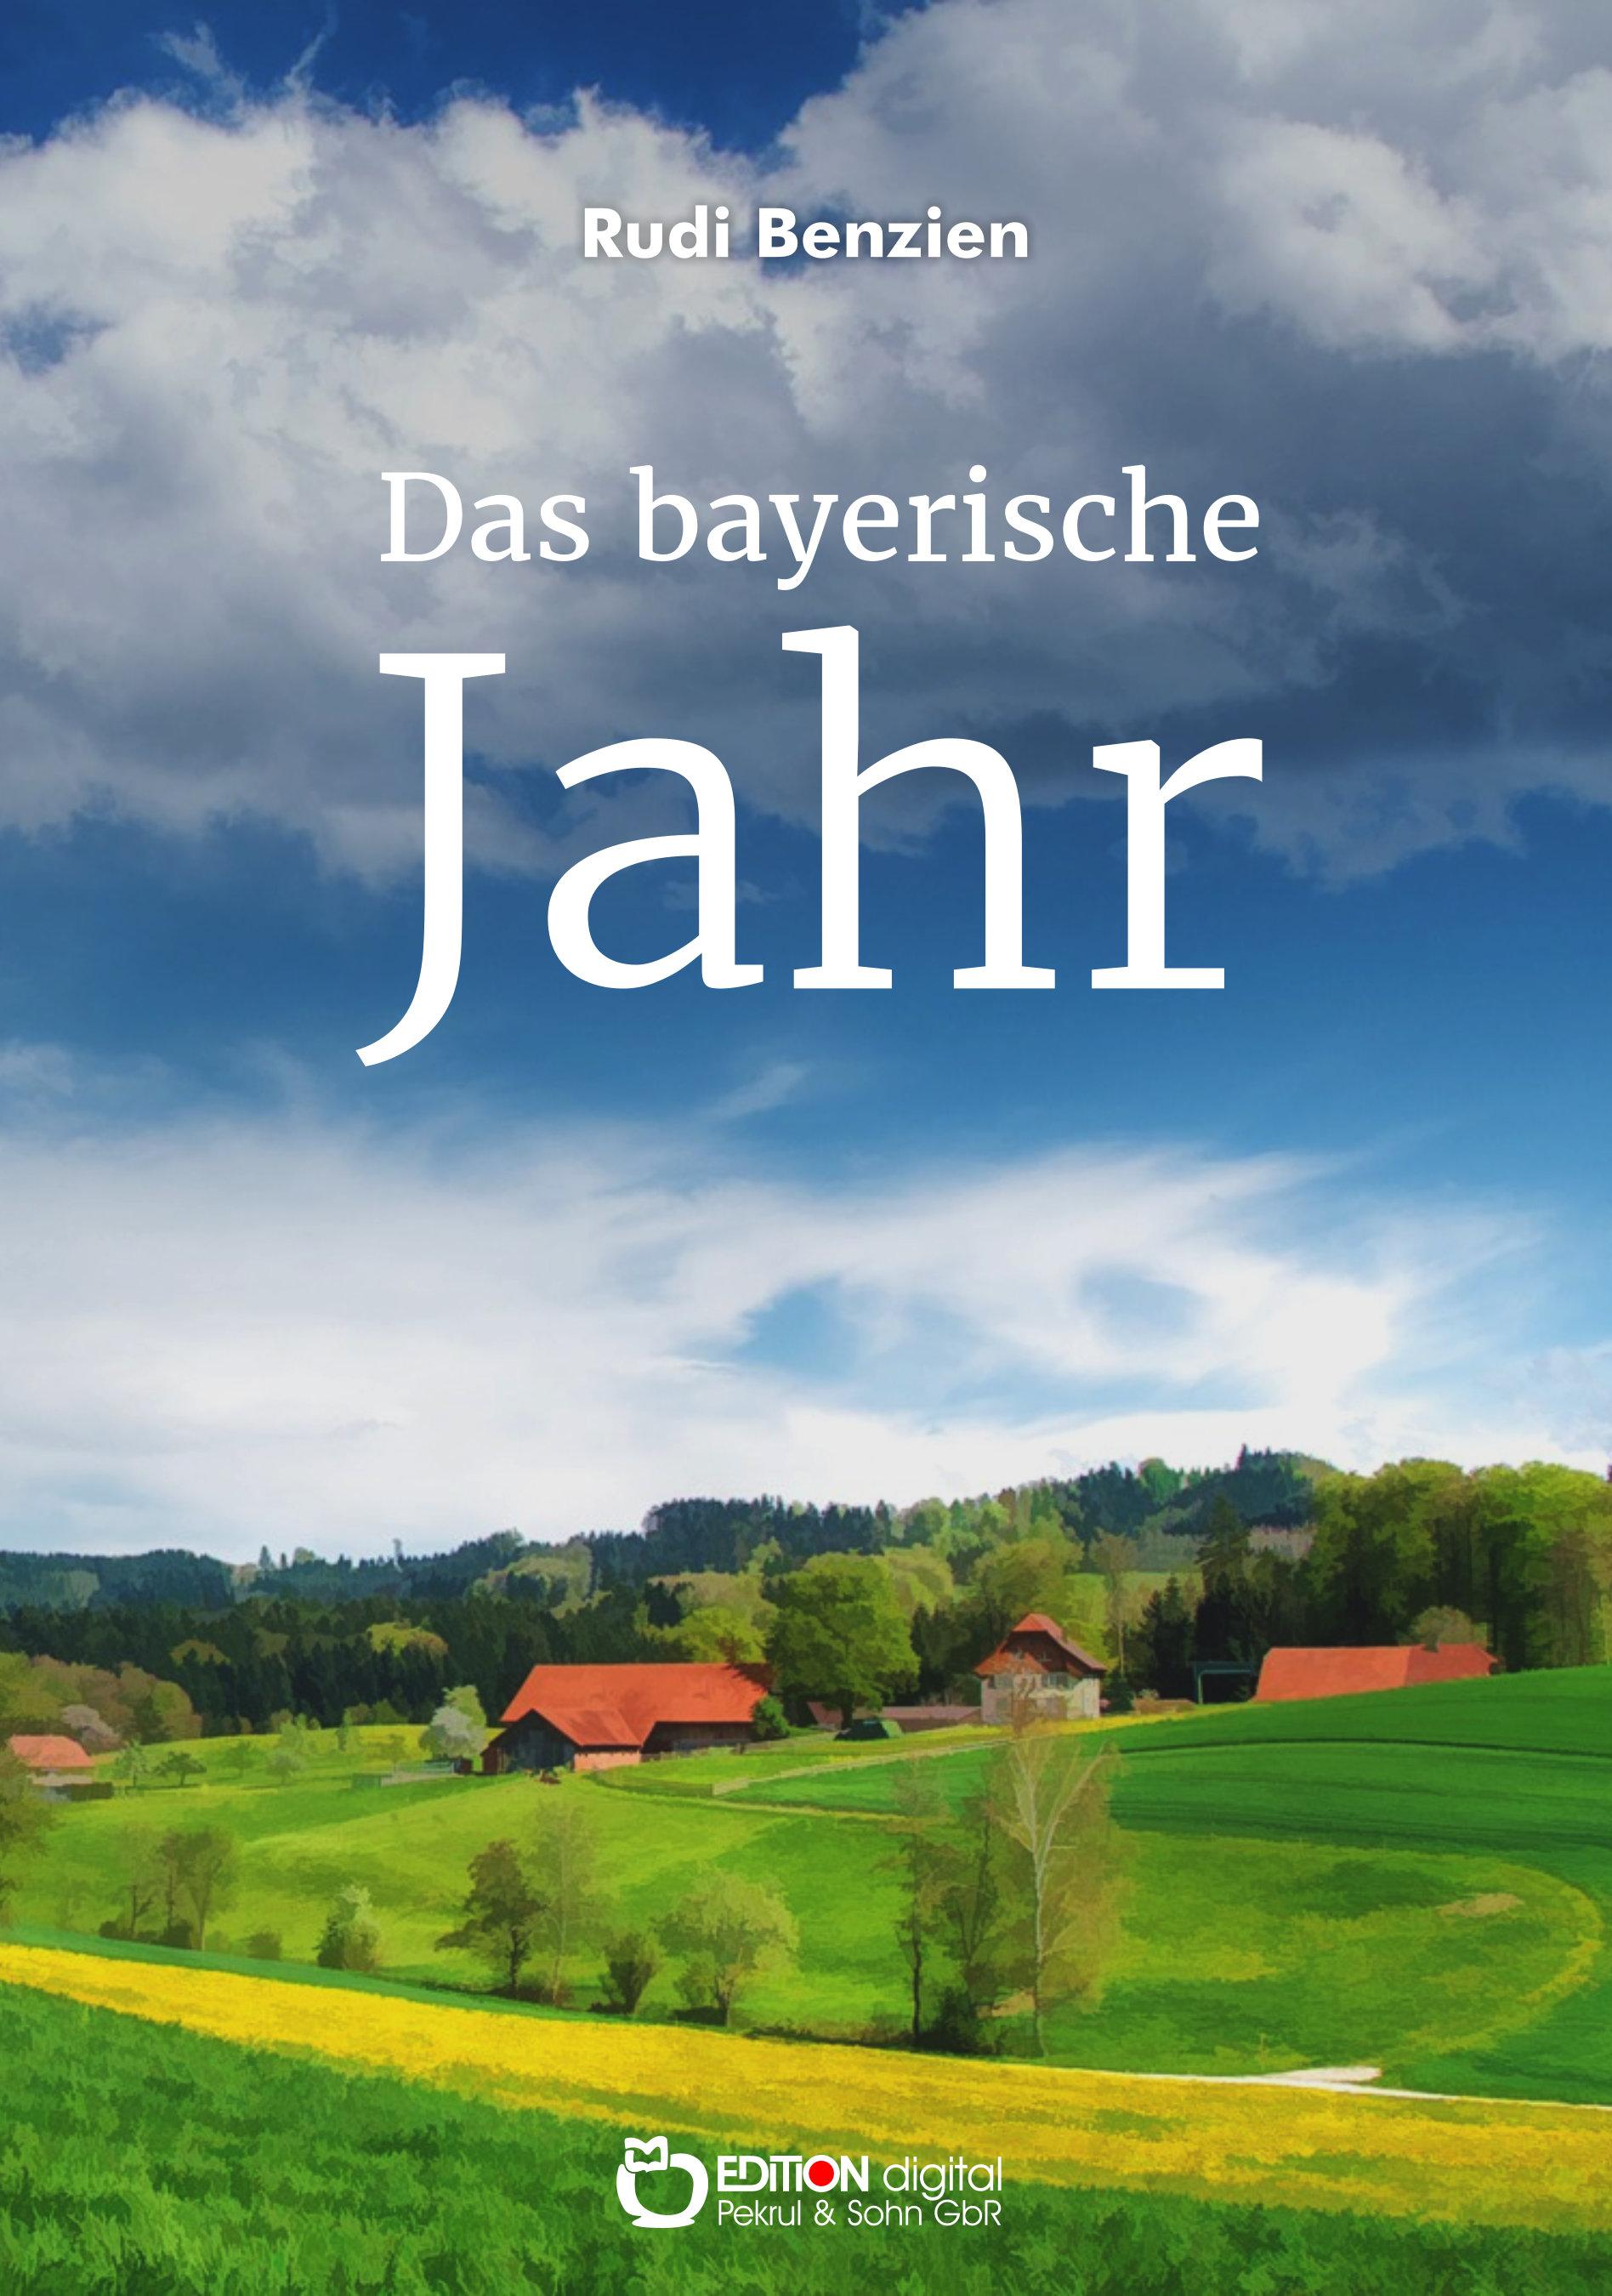 Das bayerische Jahr. Fragment einer Kindheit in Deutschland von Rudi Benzien